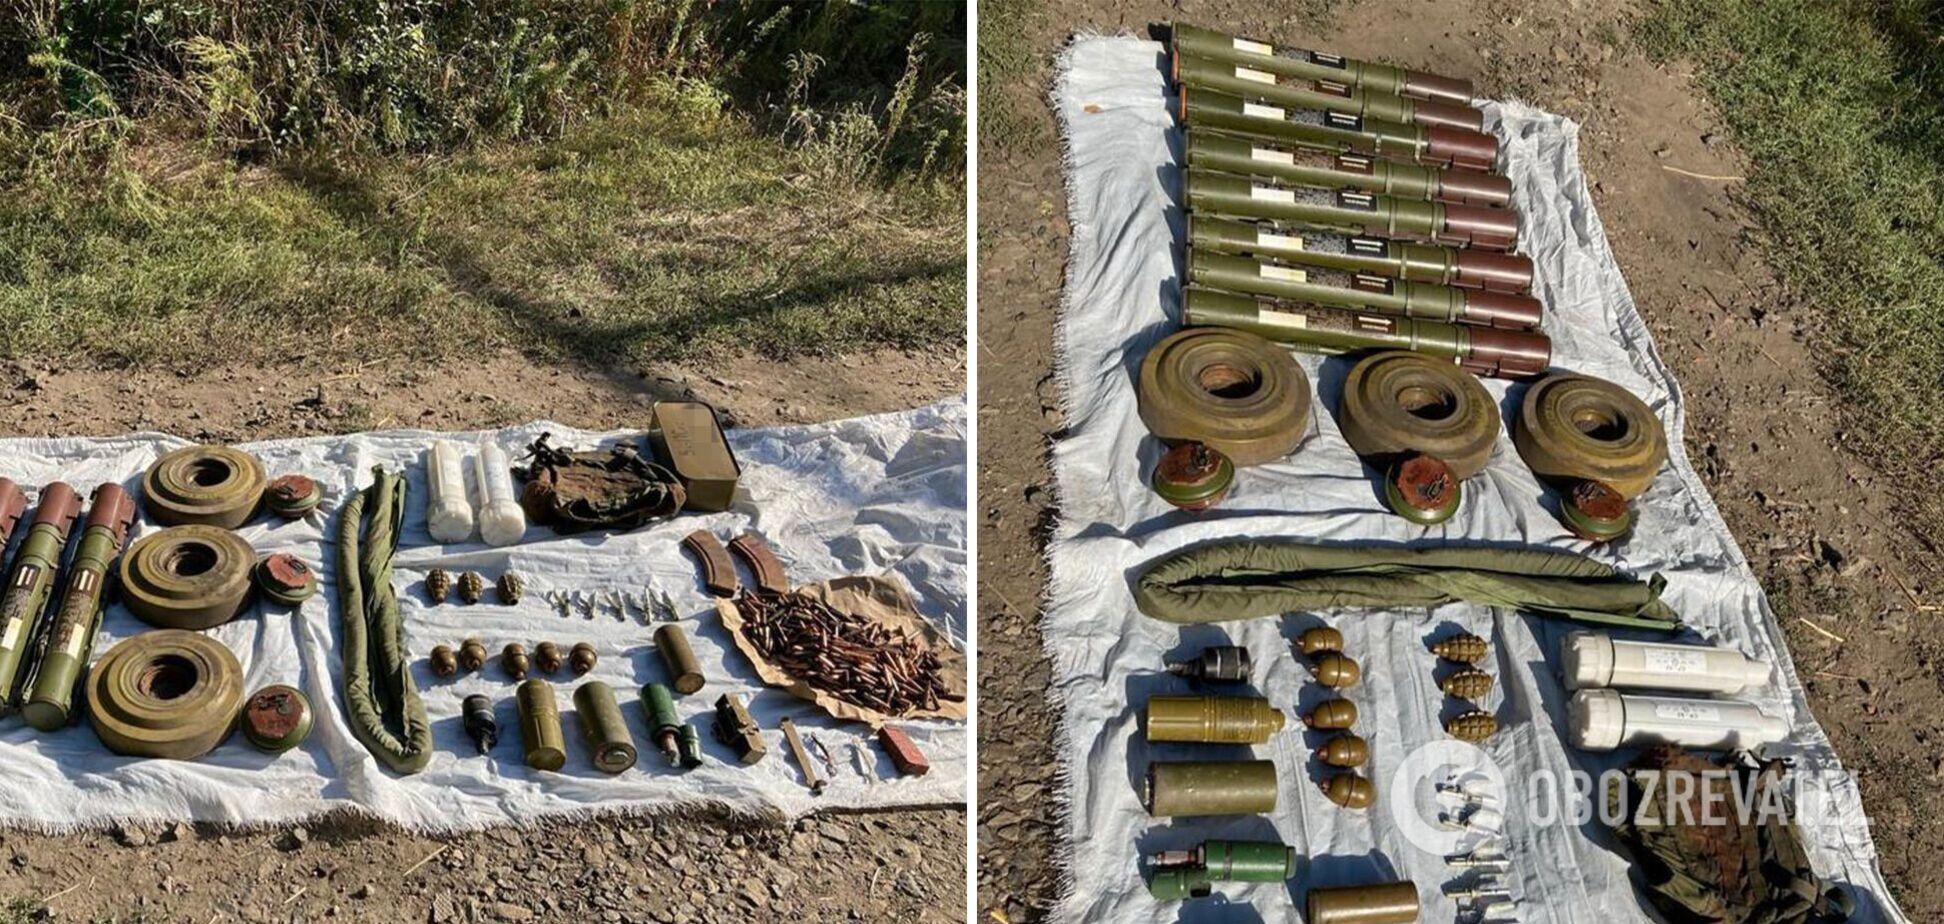 СБУ предотвратила диверсию на Донбассе, схрон с взрывчаткой нашли вблизи железнодорожной станции. Фото